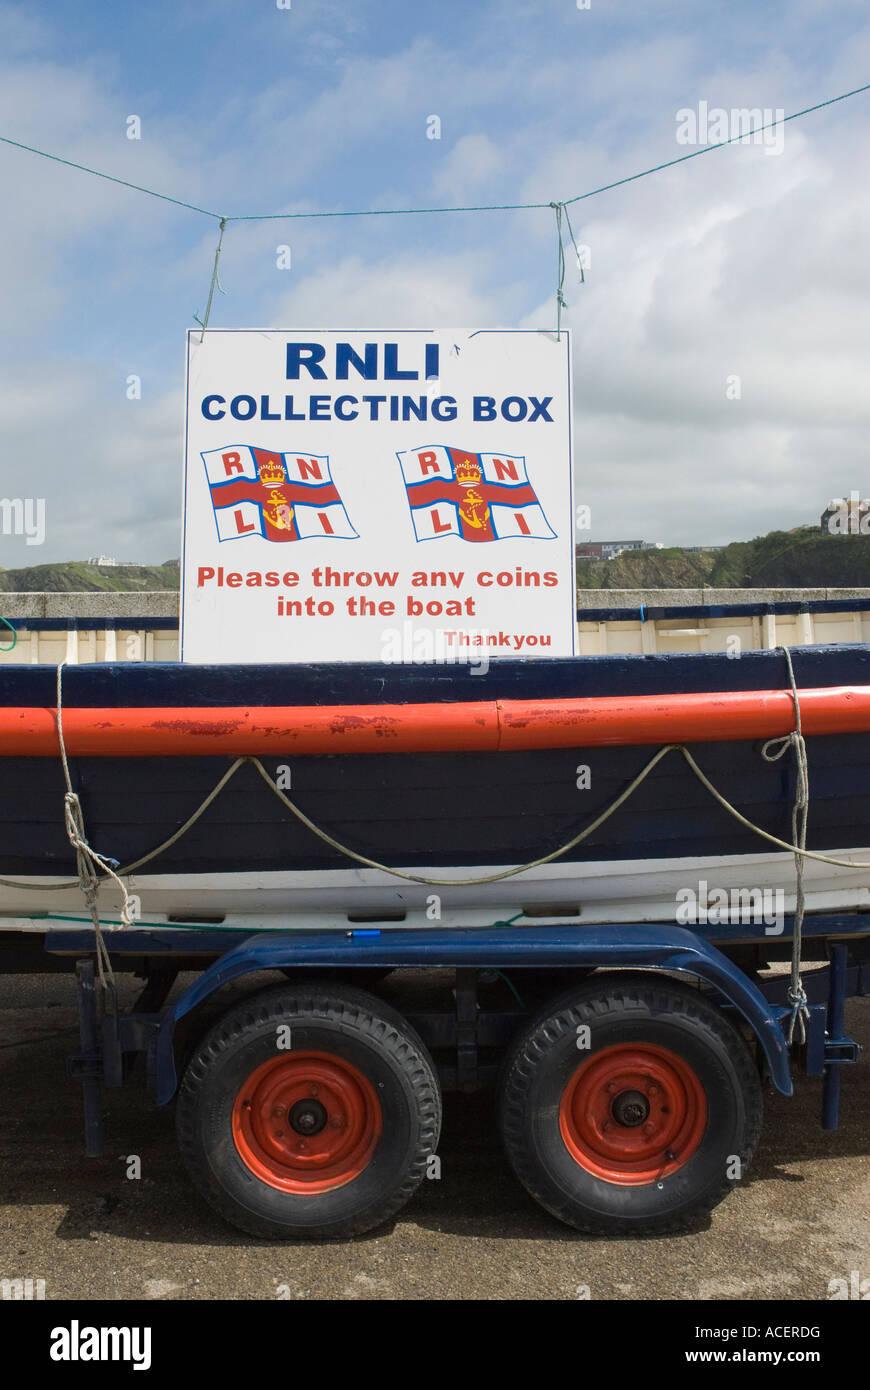 RNLI Boat - Stock Image